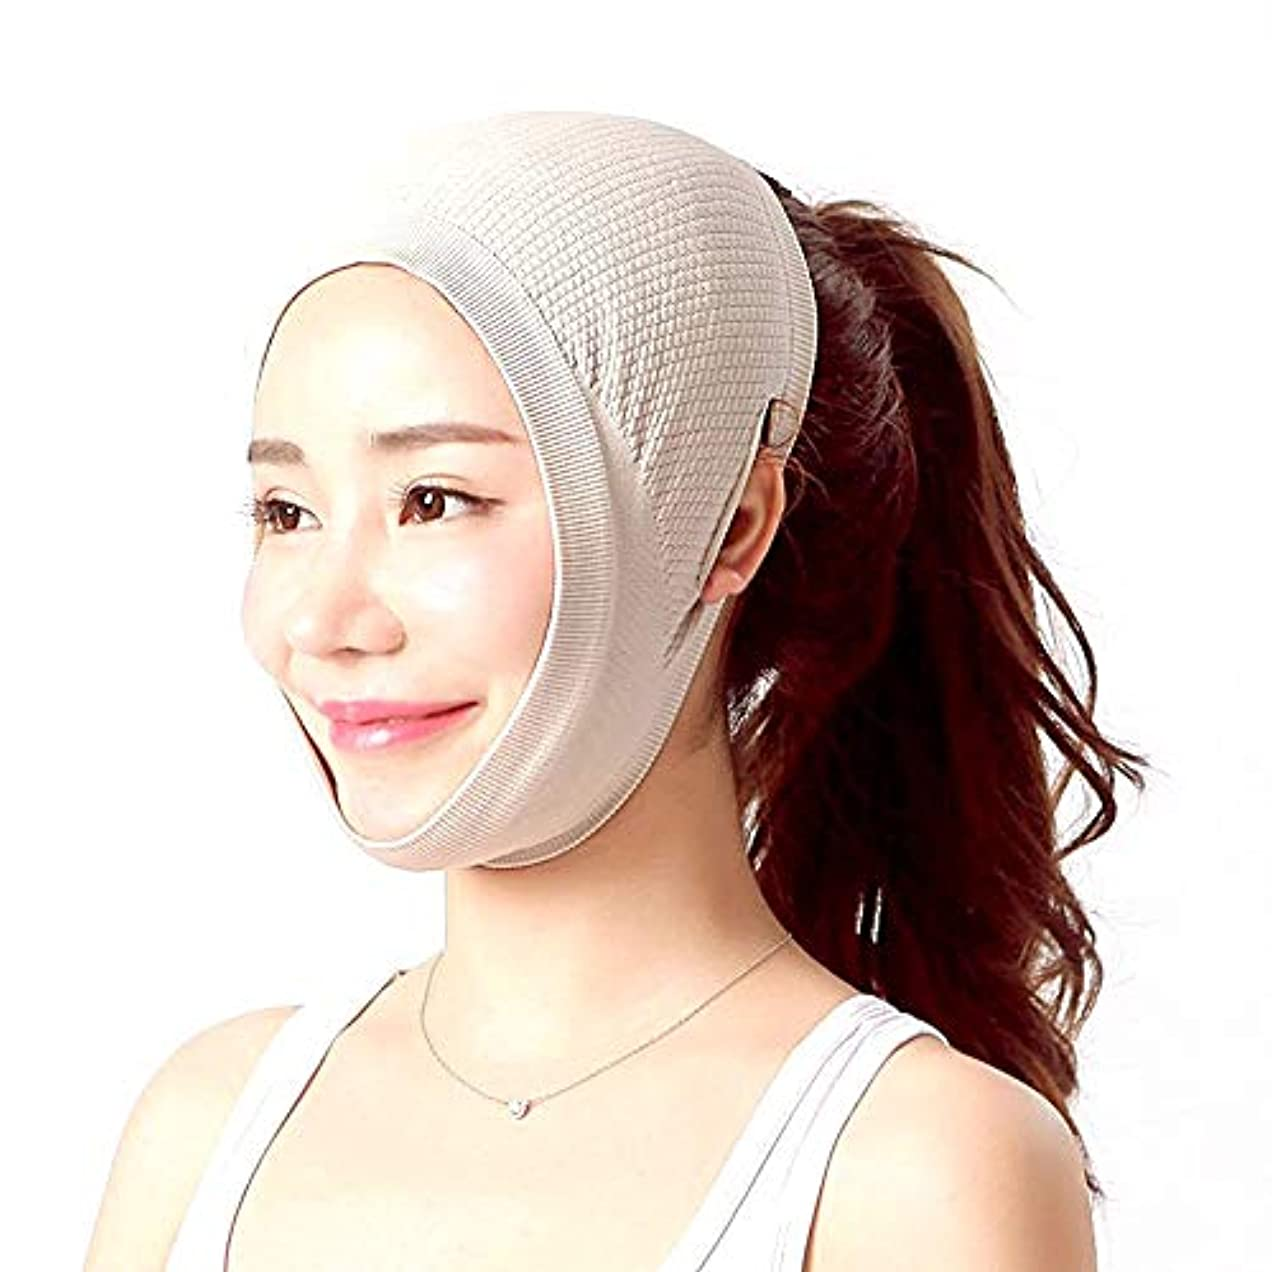 震えコーラスロードされたフェイスリフティングアーティファクト包帯ライン術後回復包帯リフティングフェイスフードVフェイス包帯リフティングVフェイス美容マスク - 肌のトーン